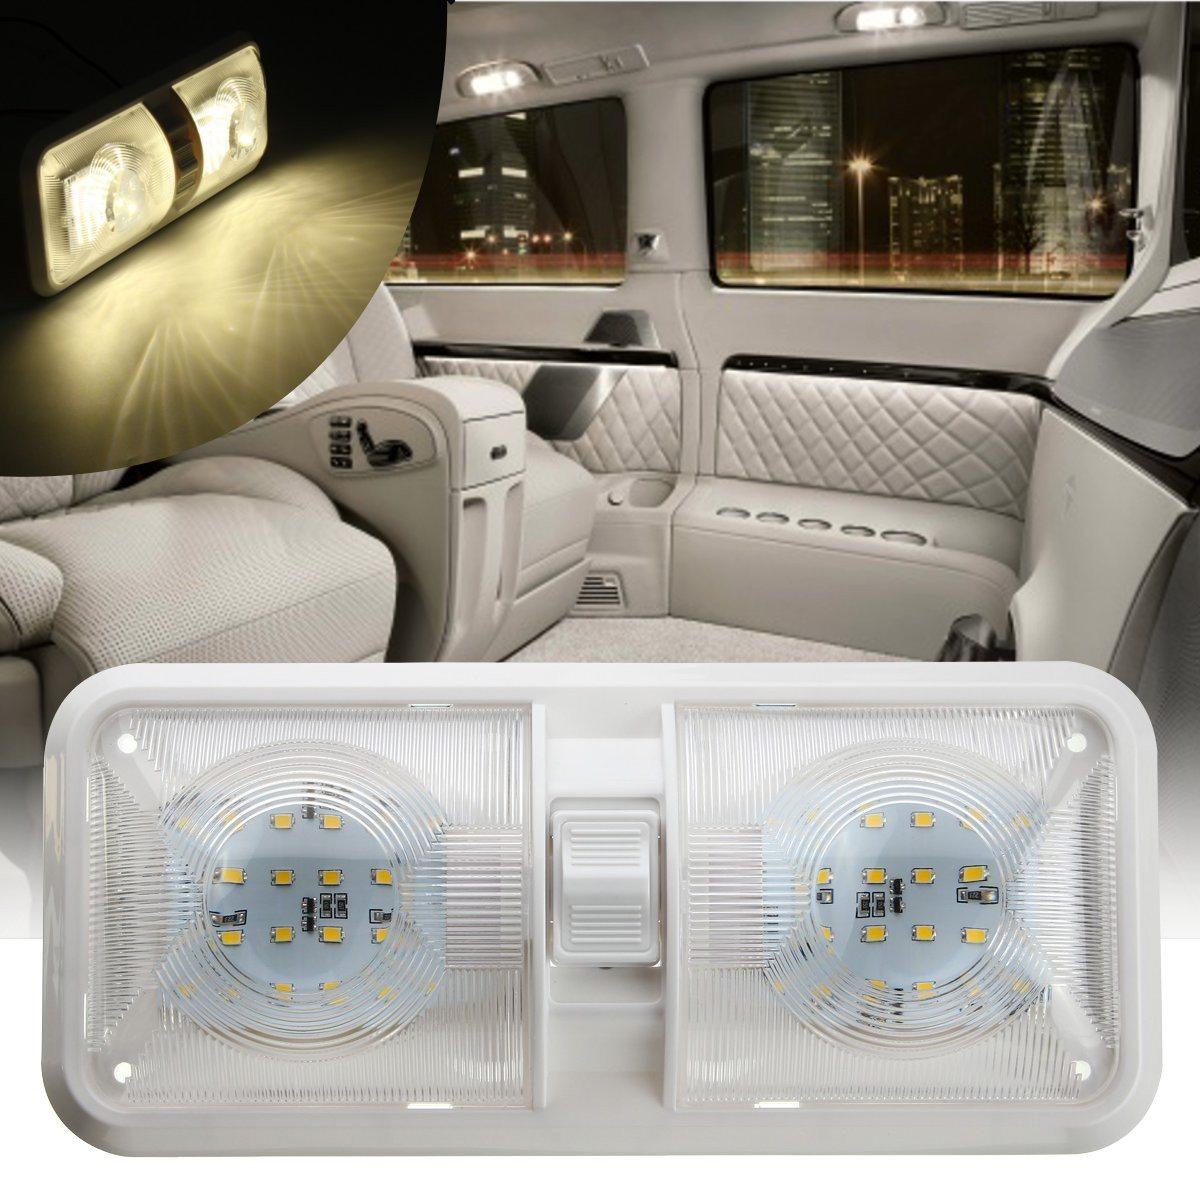 Doppel Dome Licht 12 v 48 LED Innen Dach Decke Lesen Für RV Boot Für Camper Anhänger Kunststoff 1 stück weiß